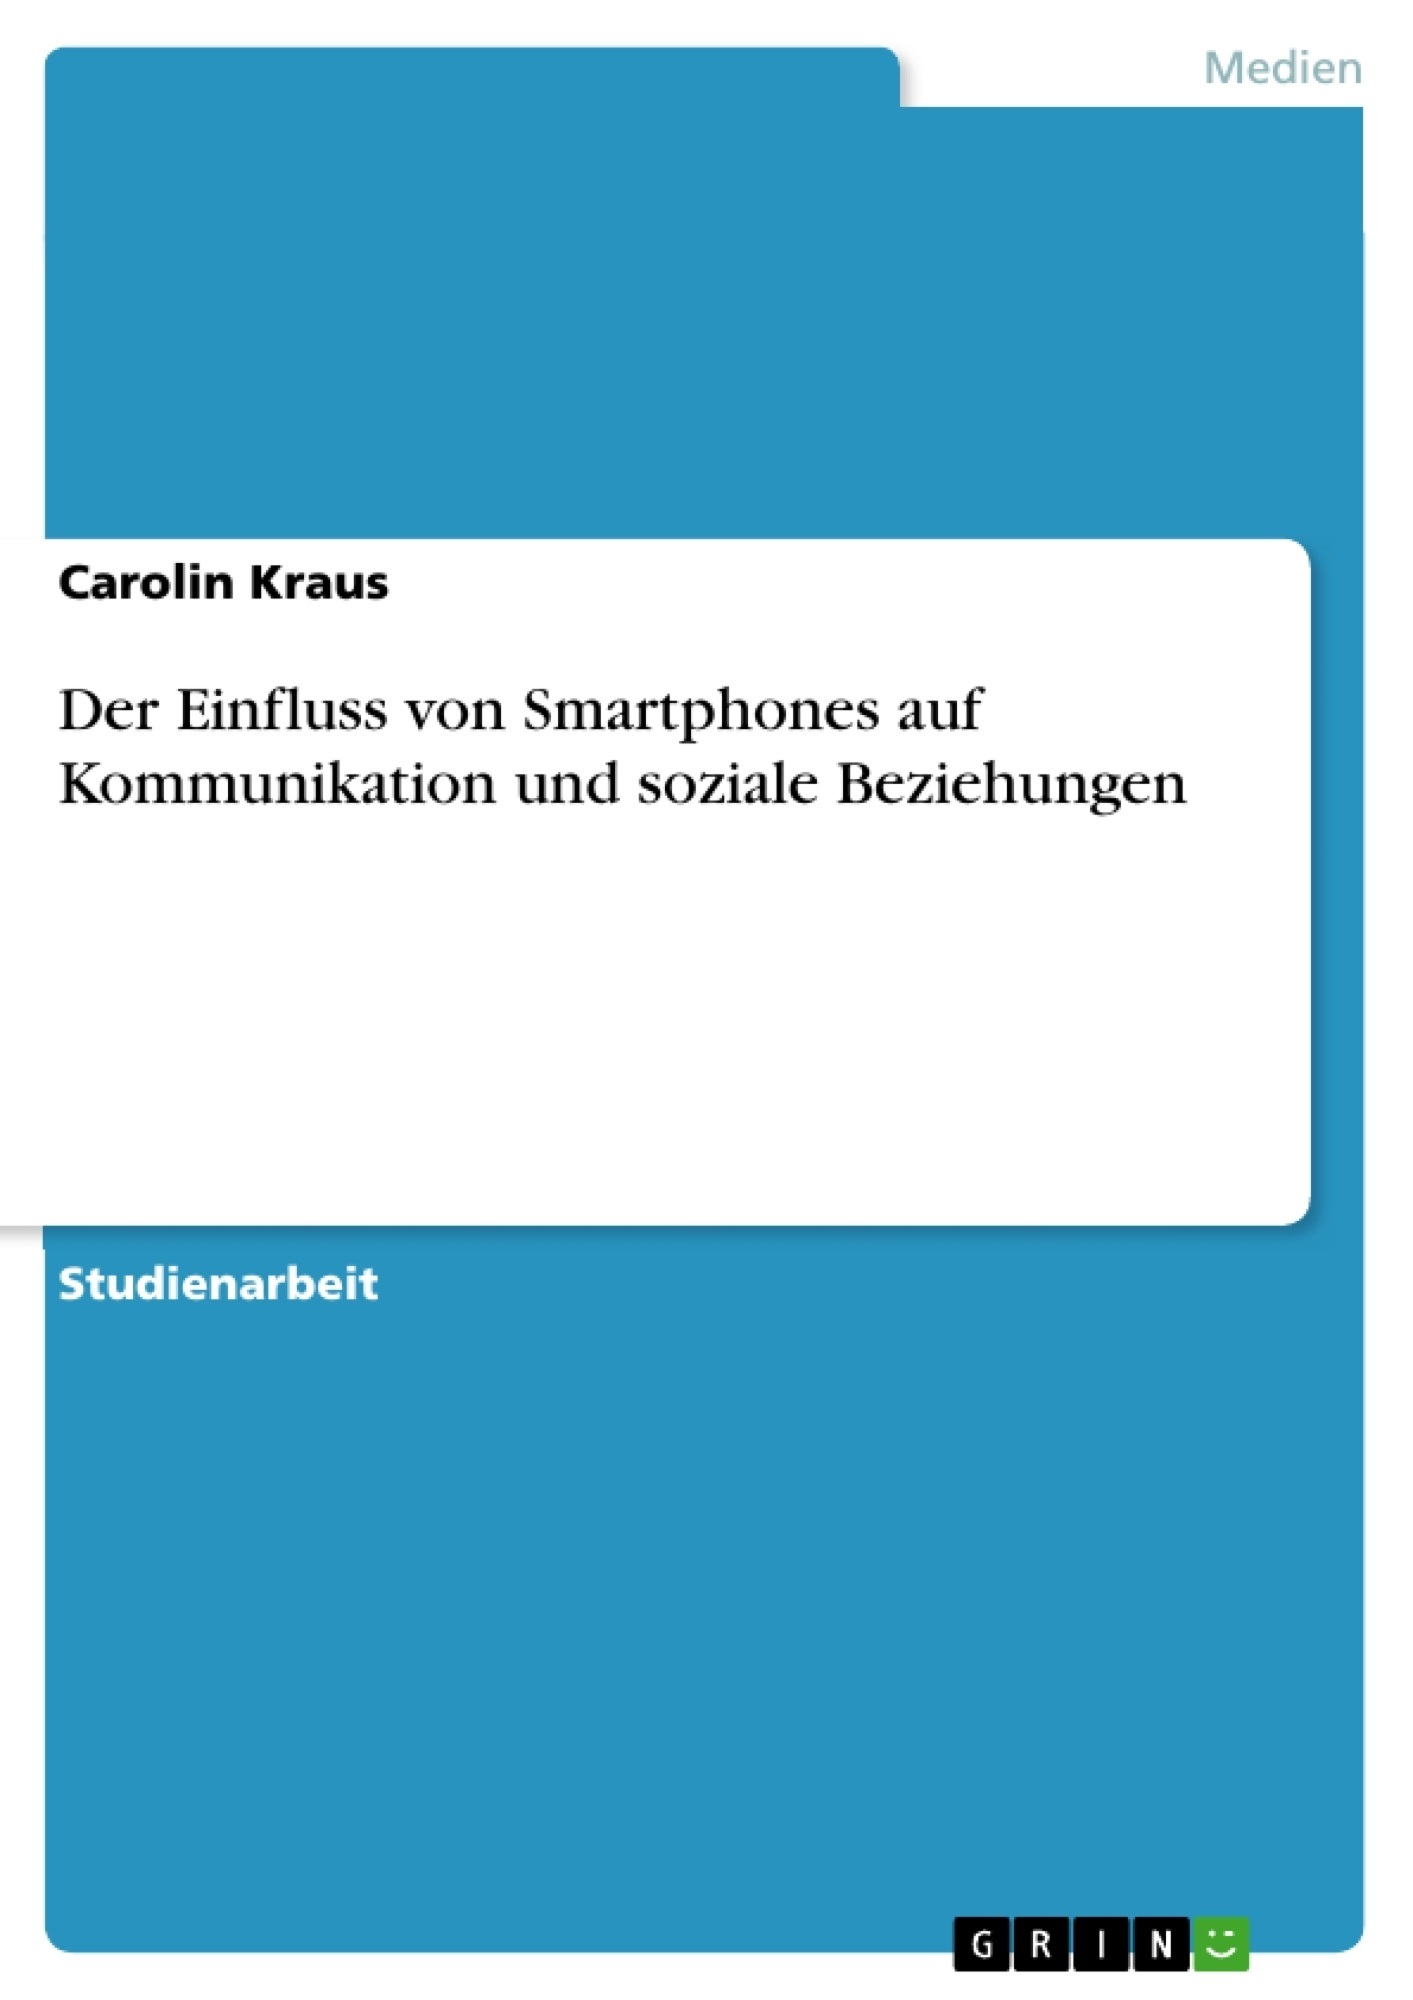 Titel: Der Einfluss von Smartphones auf Kommunikation und soziale Beziehungen